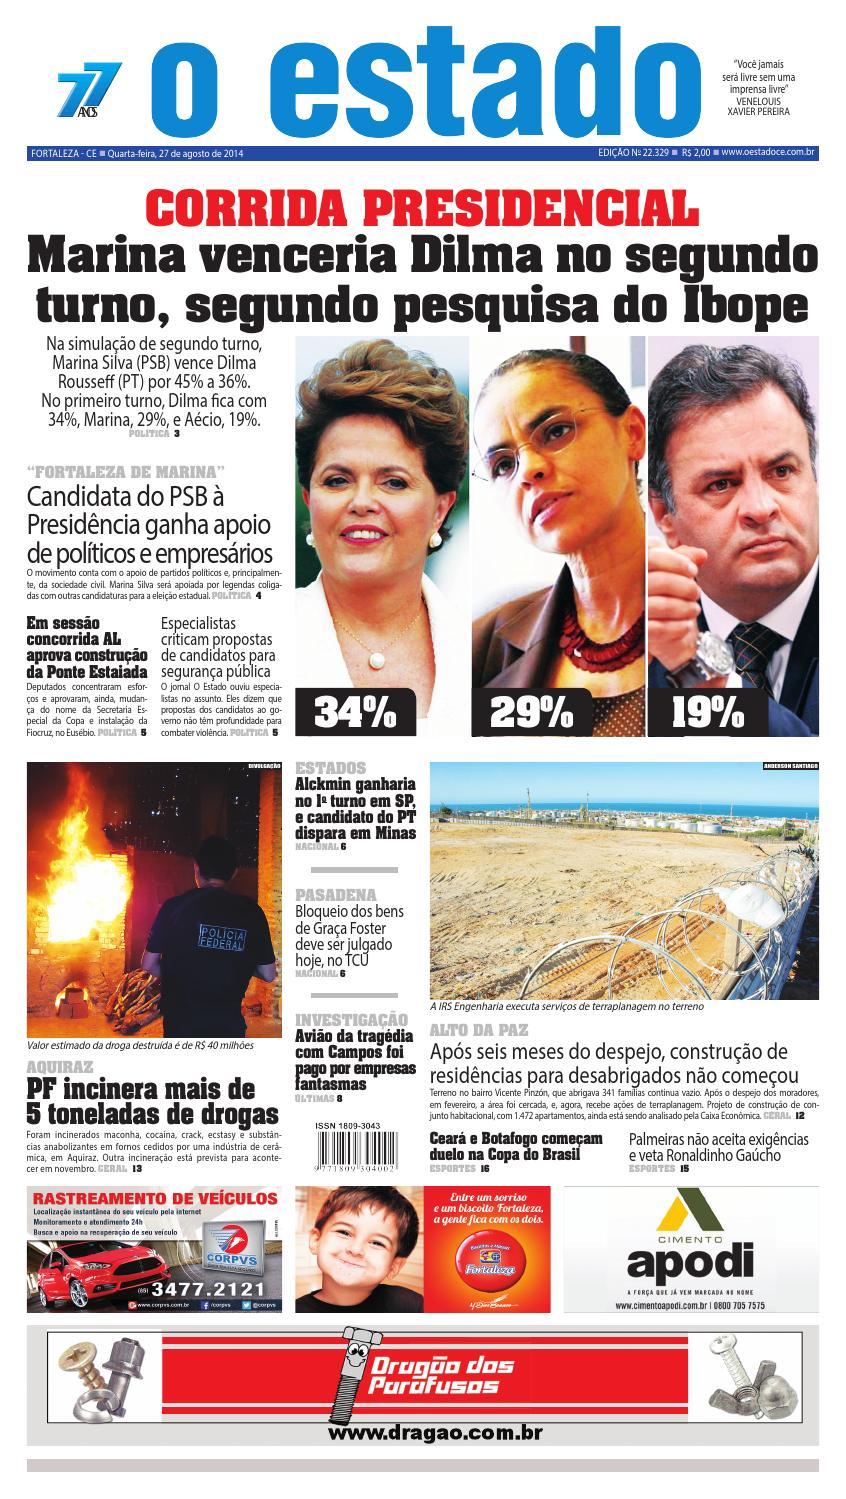 Edição 22329 - 27 de agosto de 2014 by Jornal O Estado (Ceará) - issuu